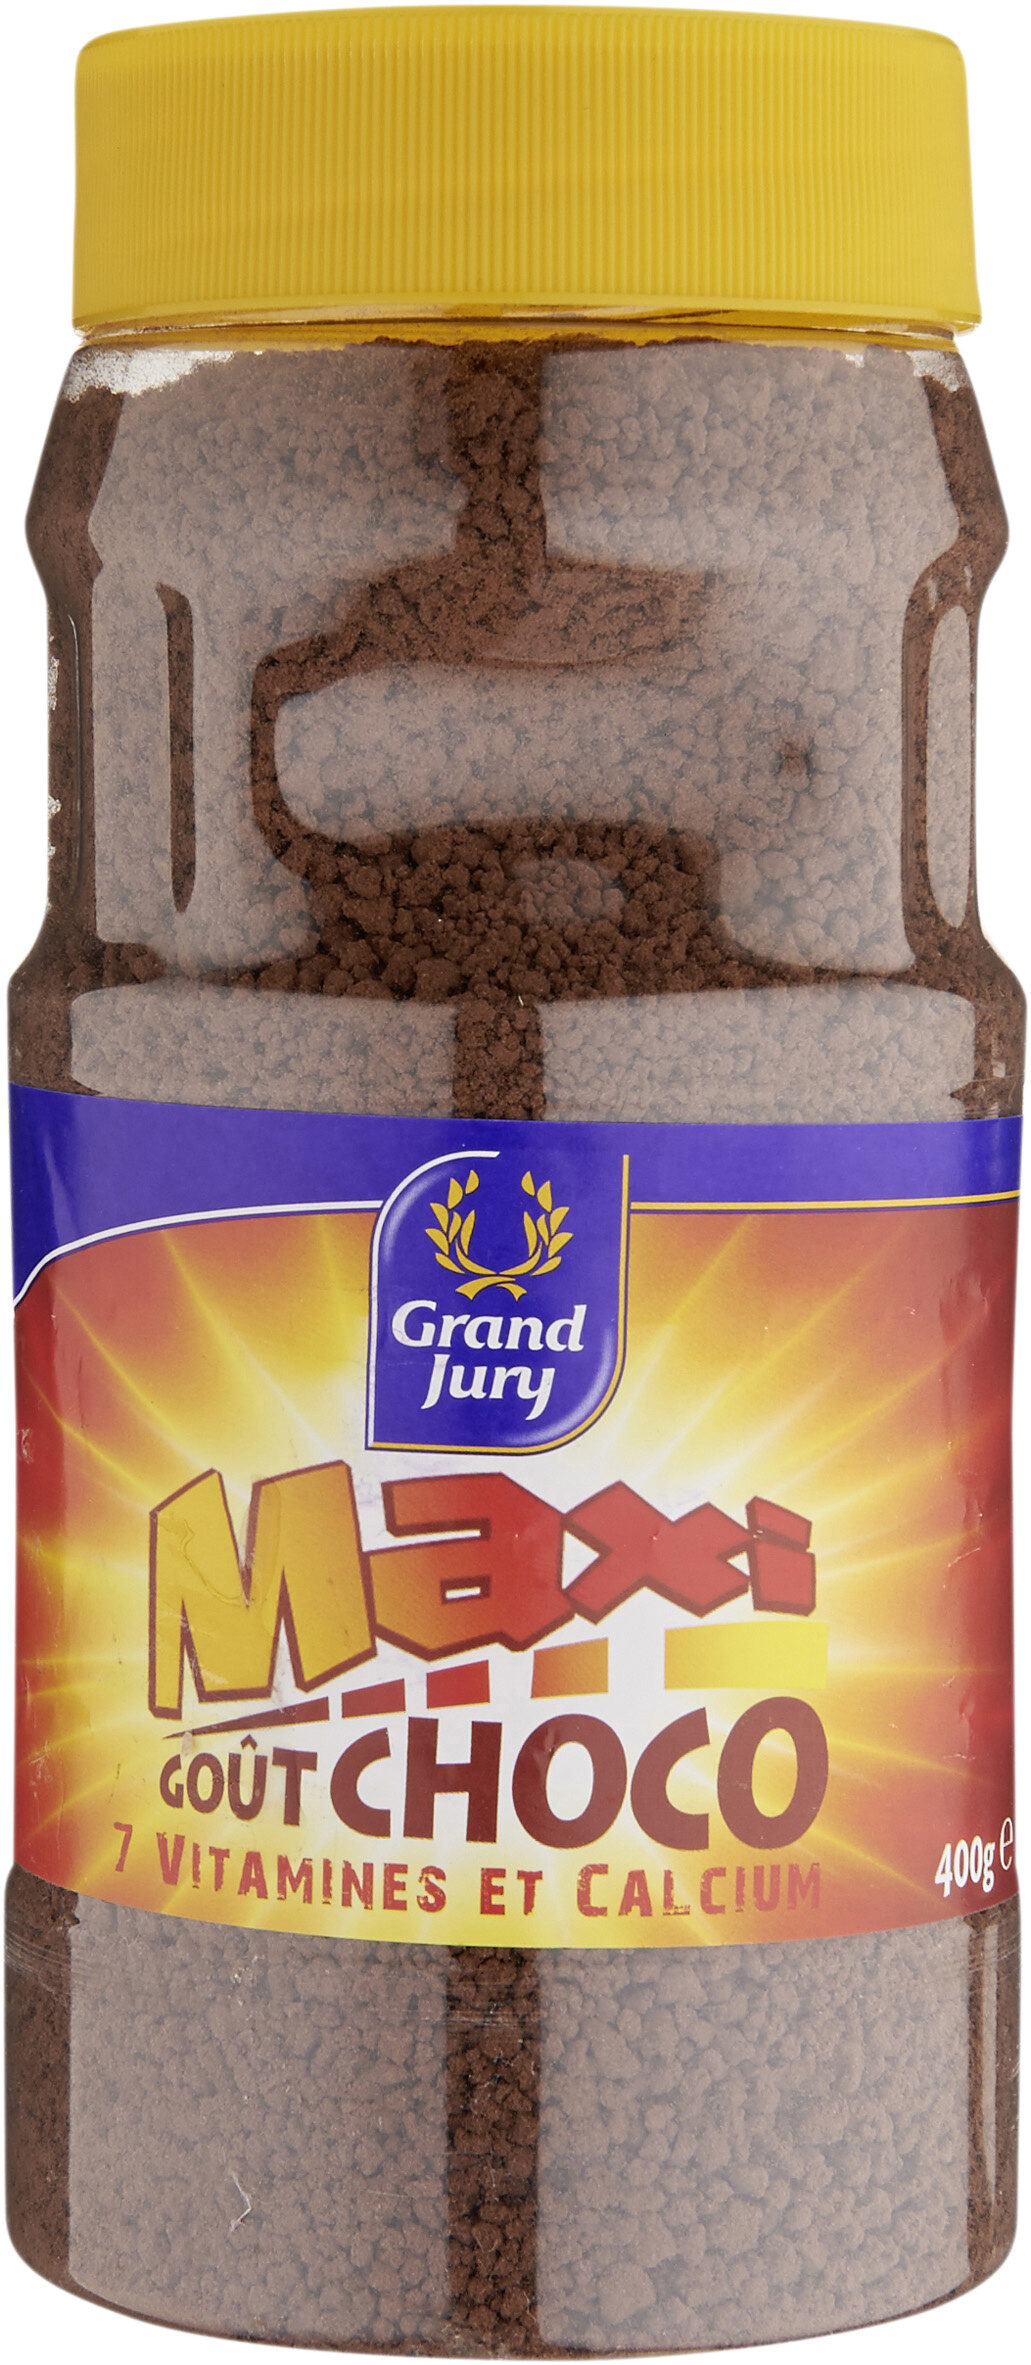 X'trem goût choco - Produit - fr